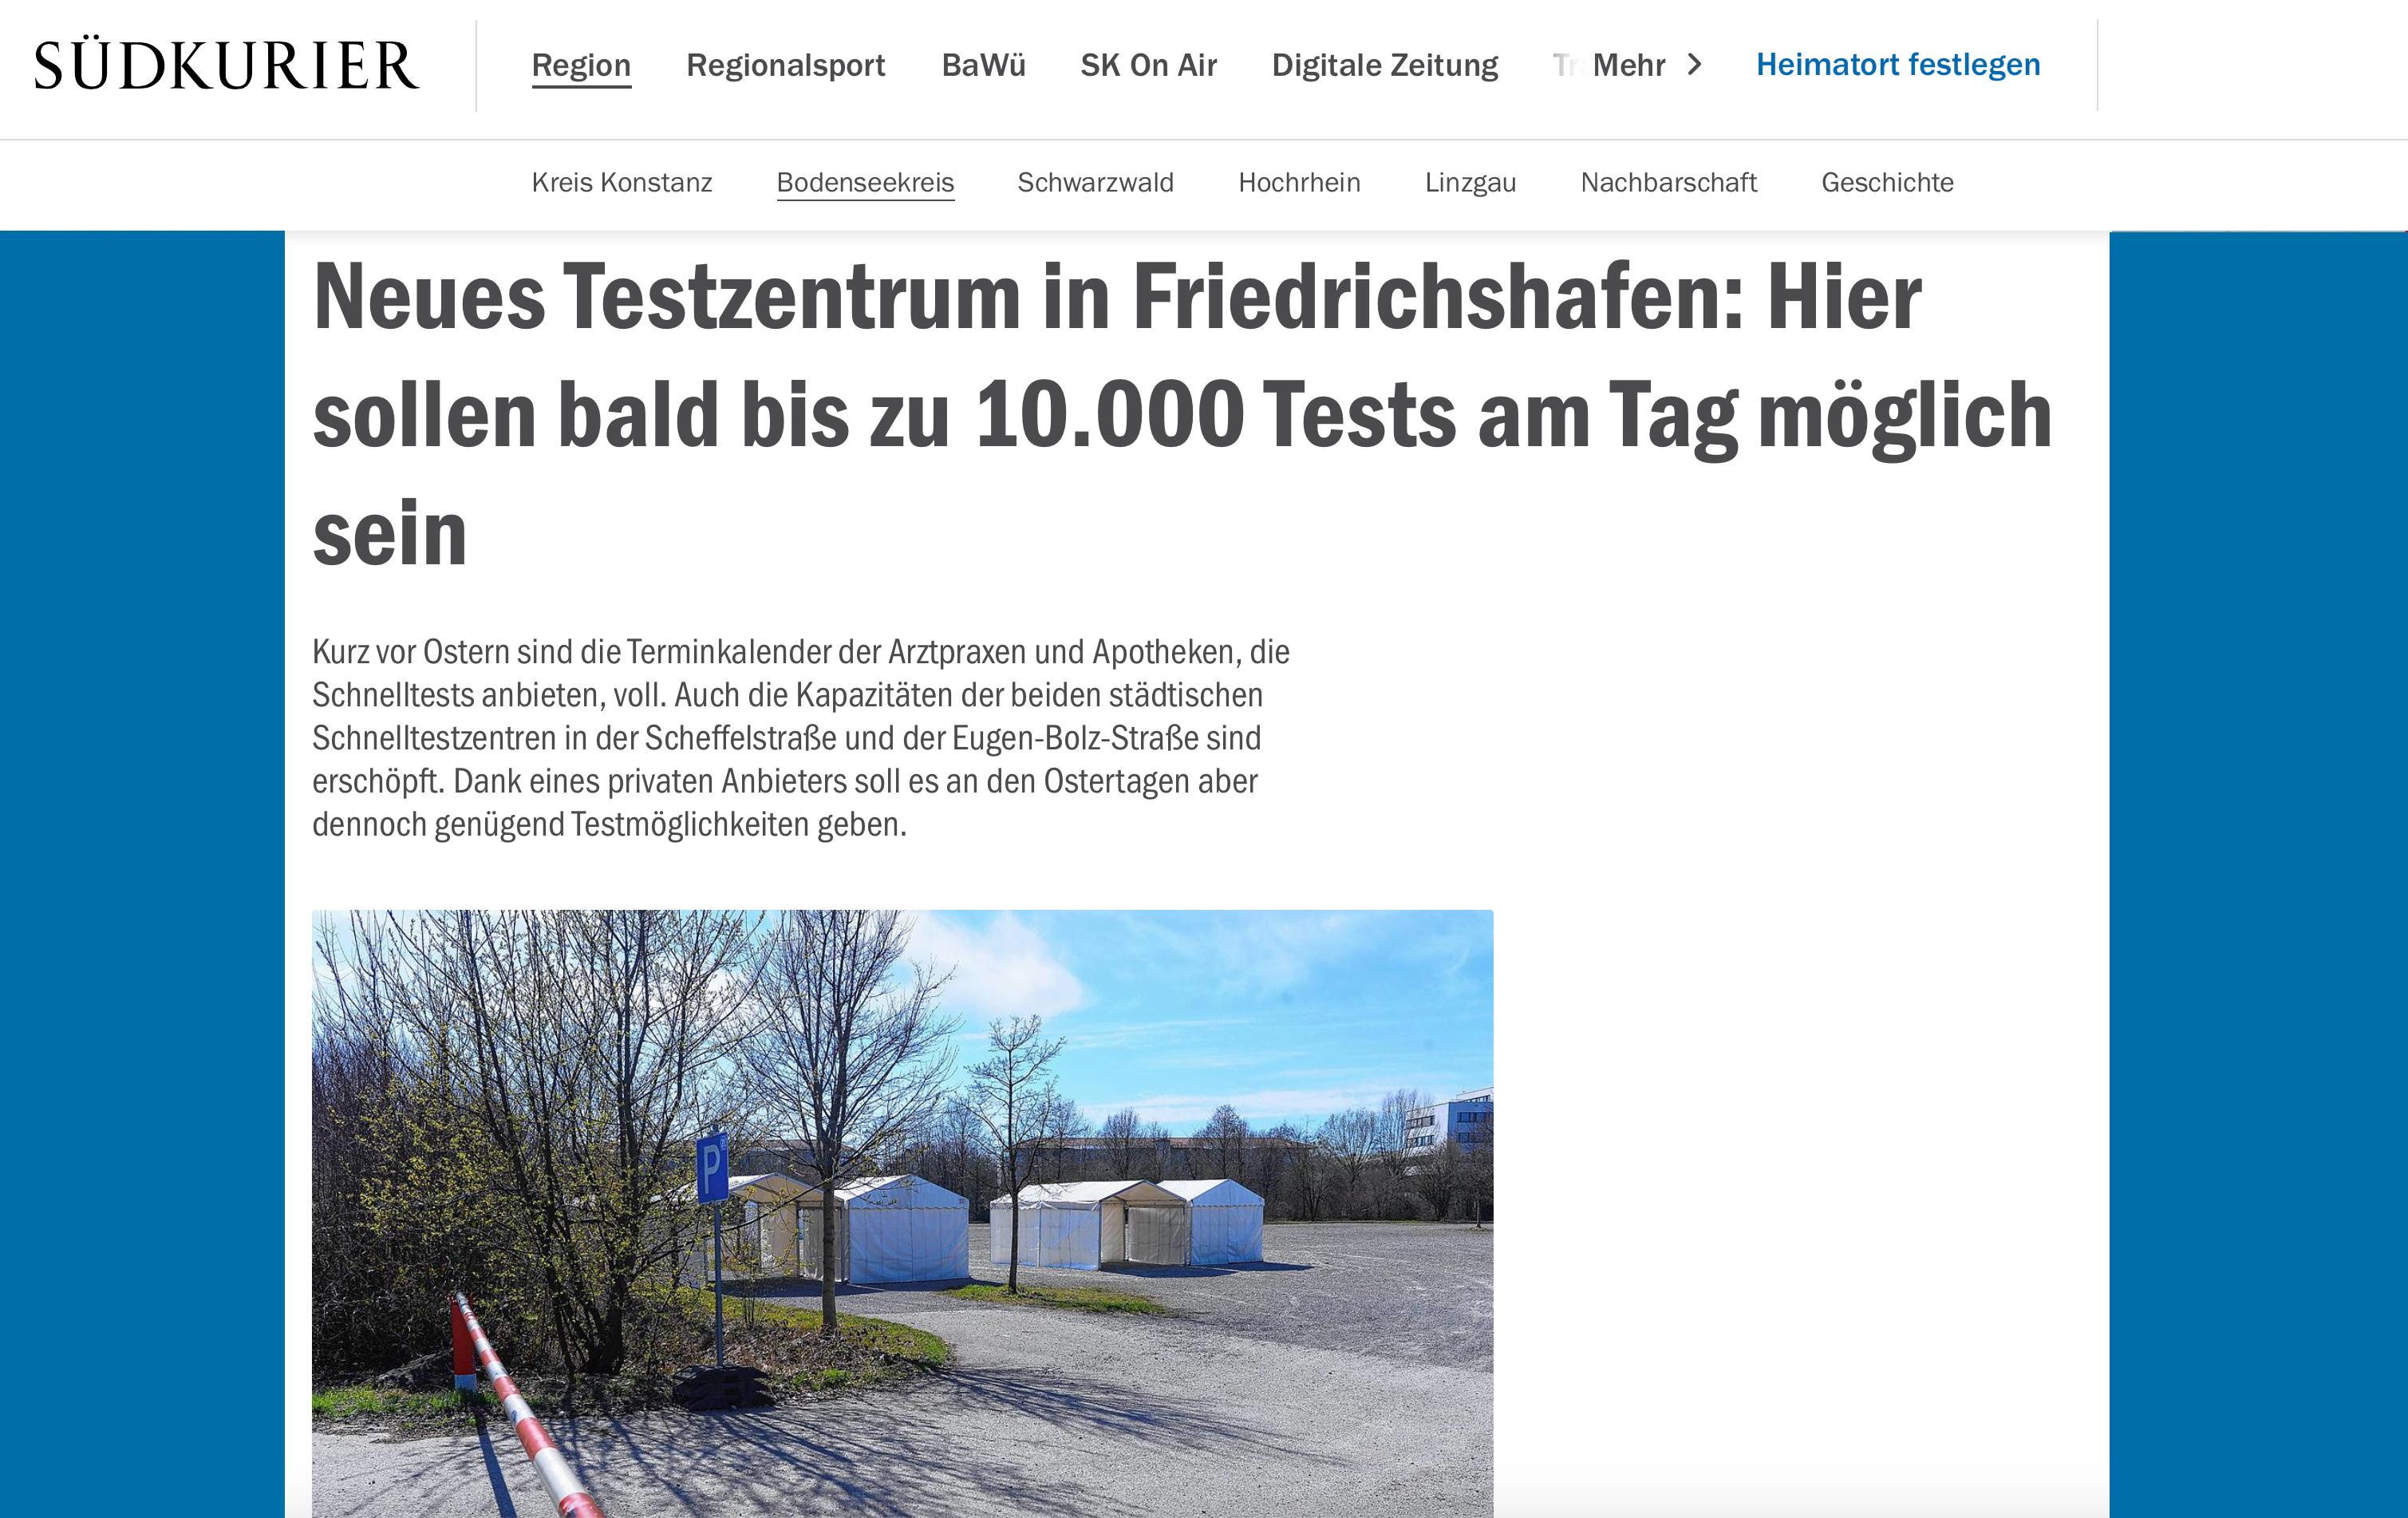 SODA Software im Schnelltestzentrum Friedrichshafen